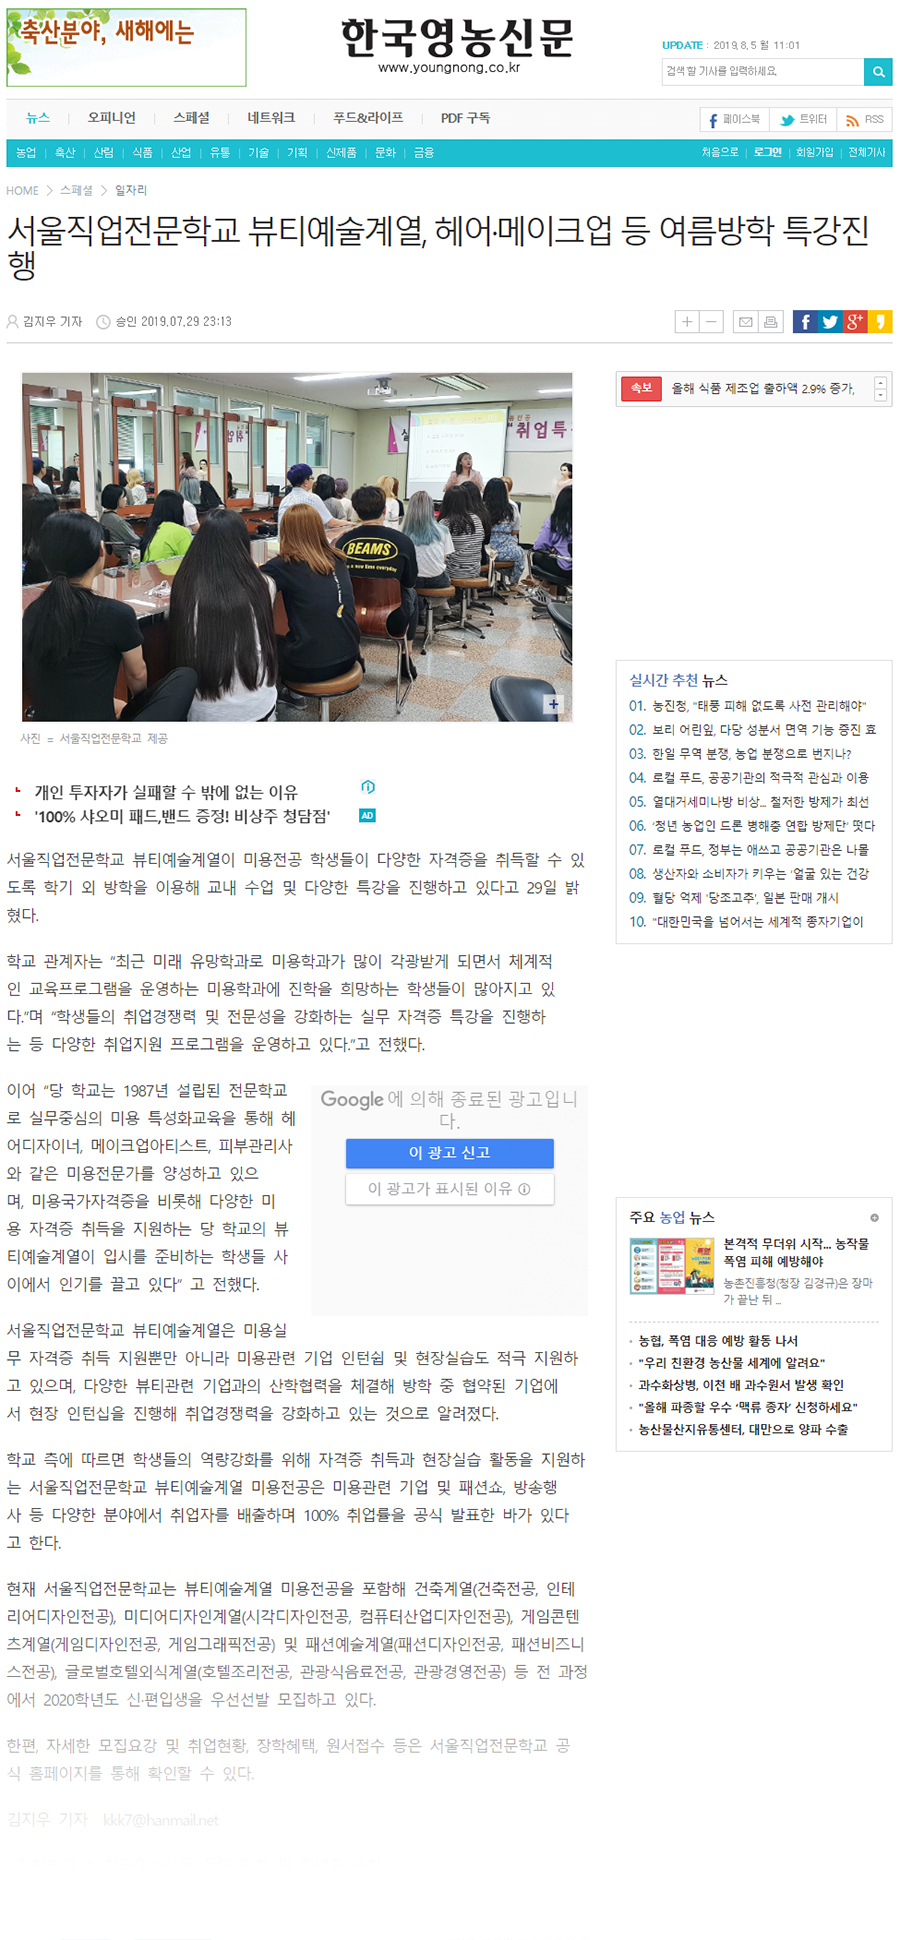 서울직업전문학교 뷰티예술계열, 헤어·메이크업 등 여름방학 특강진행